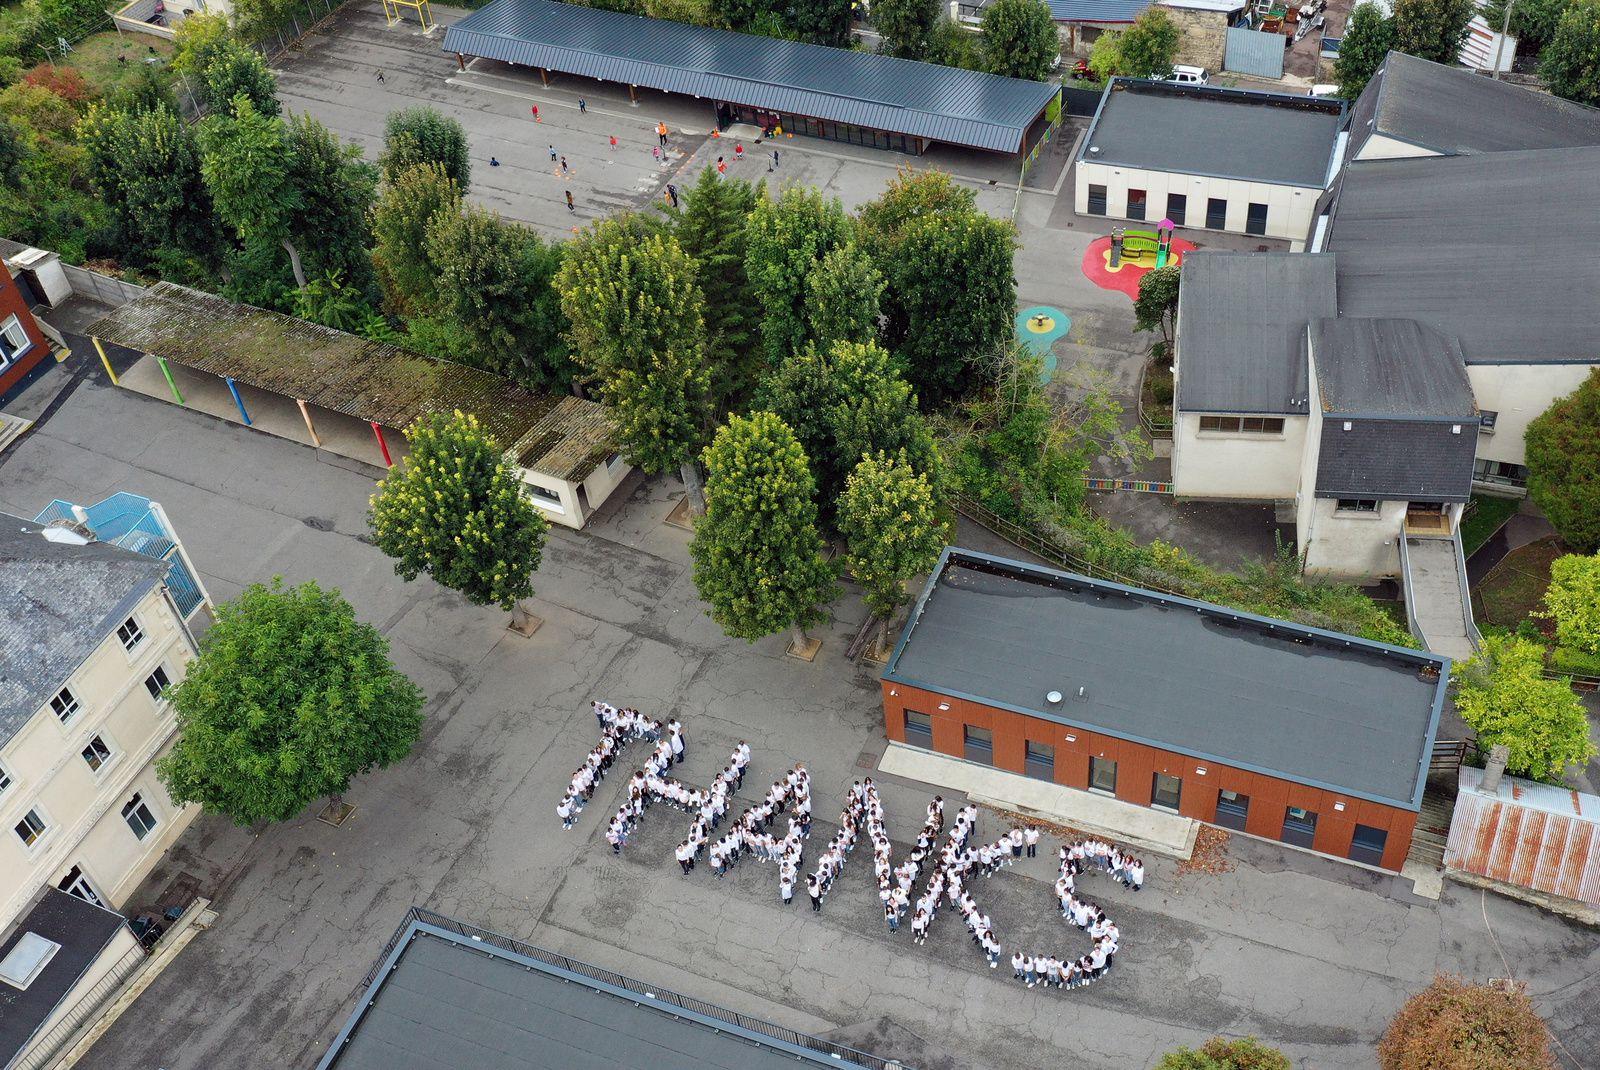 Les élèves du Sacré Coeur à Caen rendent hommage à leur manière aux vétérans anglais venus leur rendre visite à l'occasion du 75e anniversaire du débarquement. Photo aérienne François Monier, octobre 2019